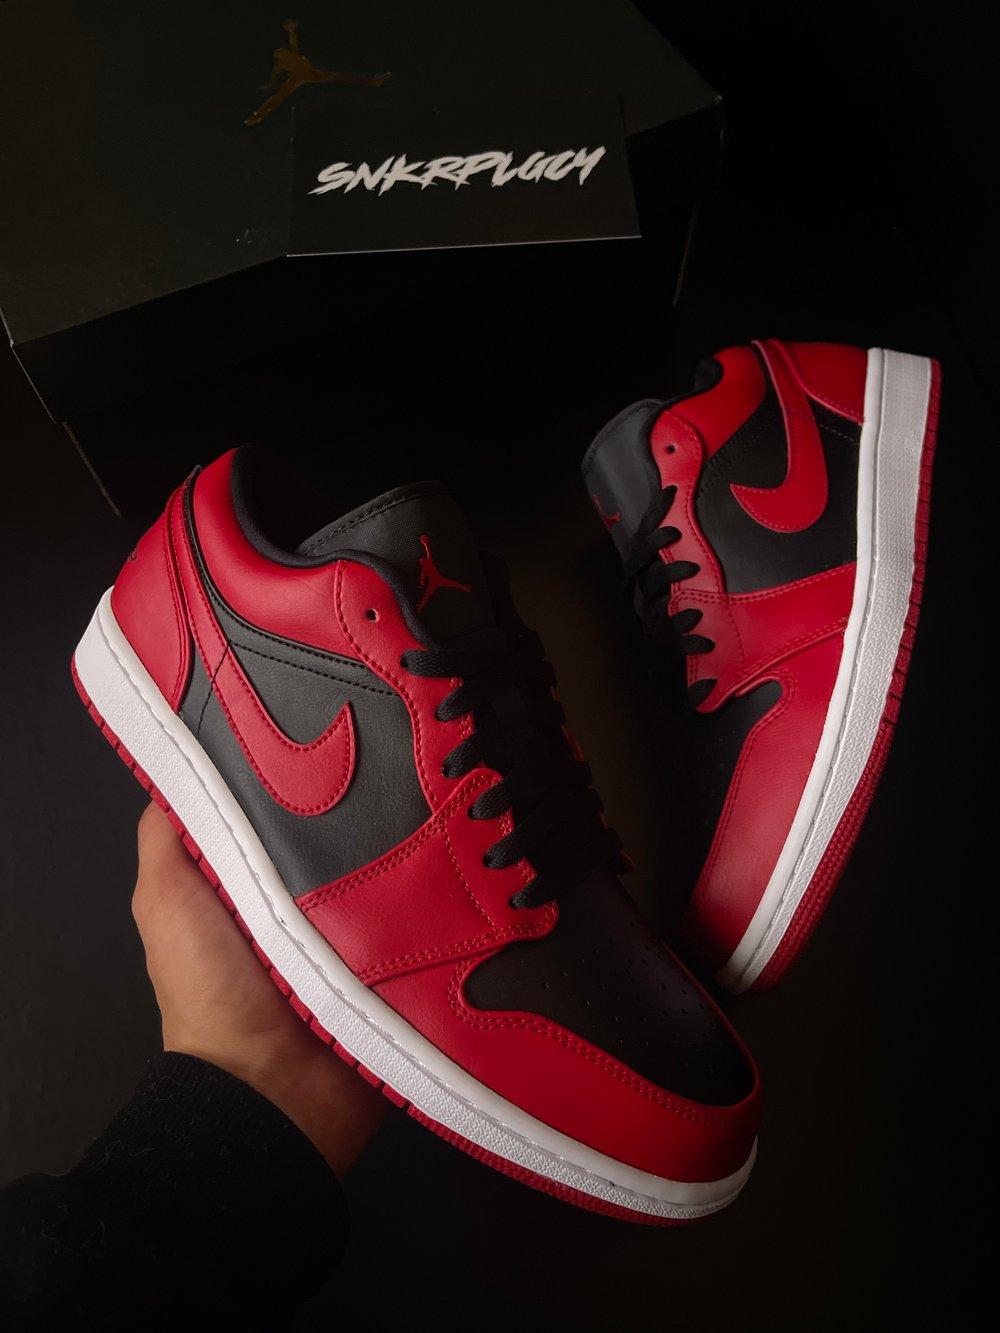 Air Jordan 1 Low / Bred